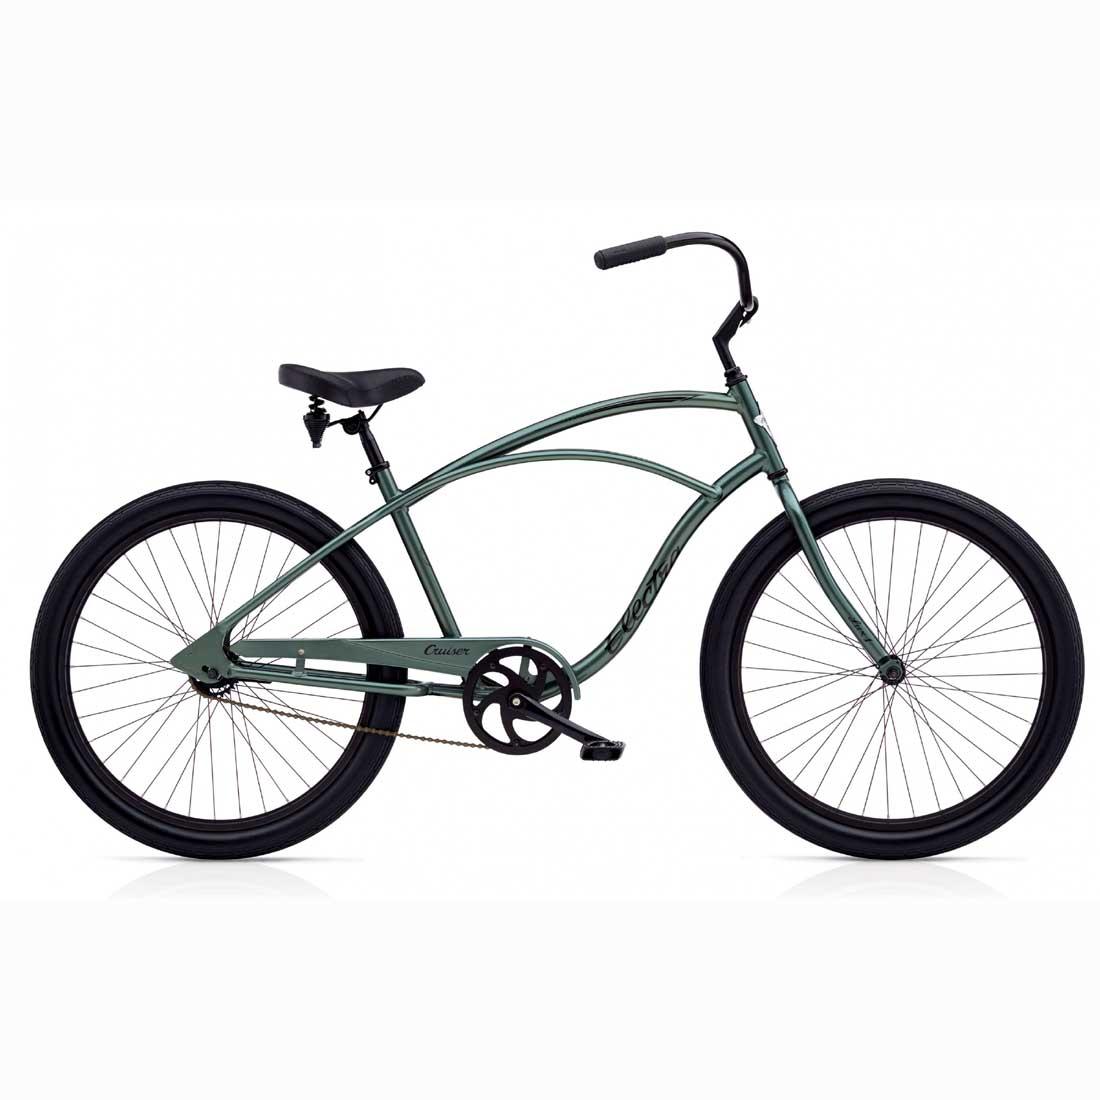 ビーチクルーザー 26インチ アルミフレーム 軽量 おしゃれ 自転車 通勤 通学 エレクトラ CRUISER-LUX1 アンスラサイト メンズ レディース